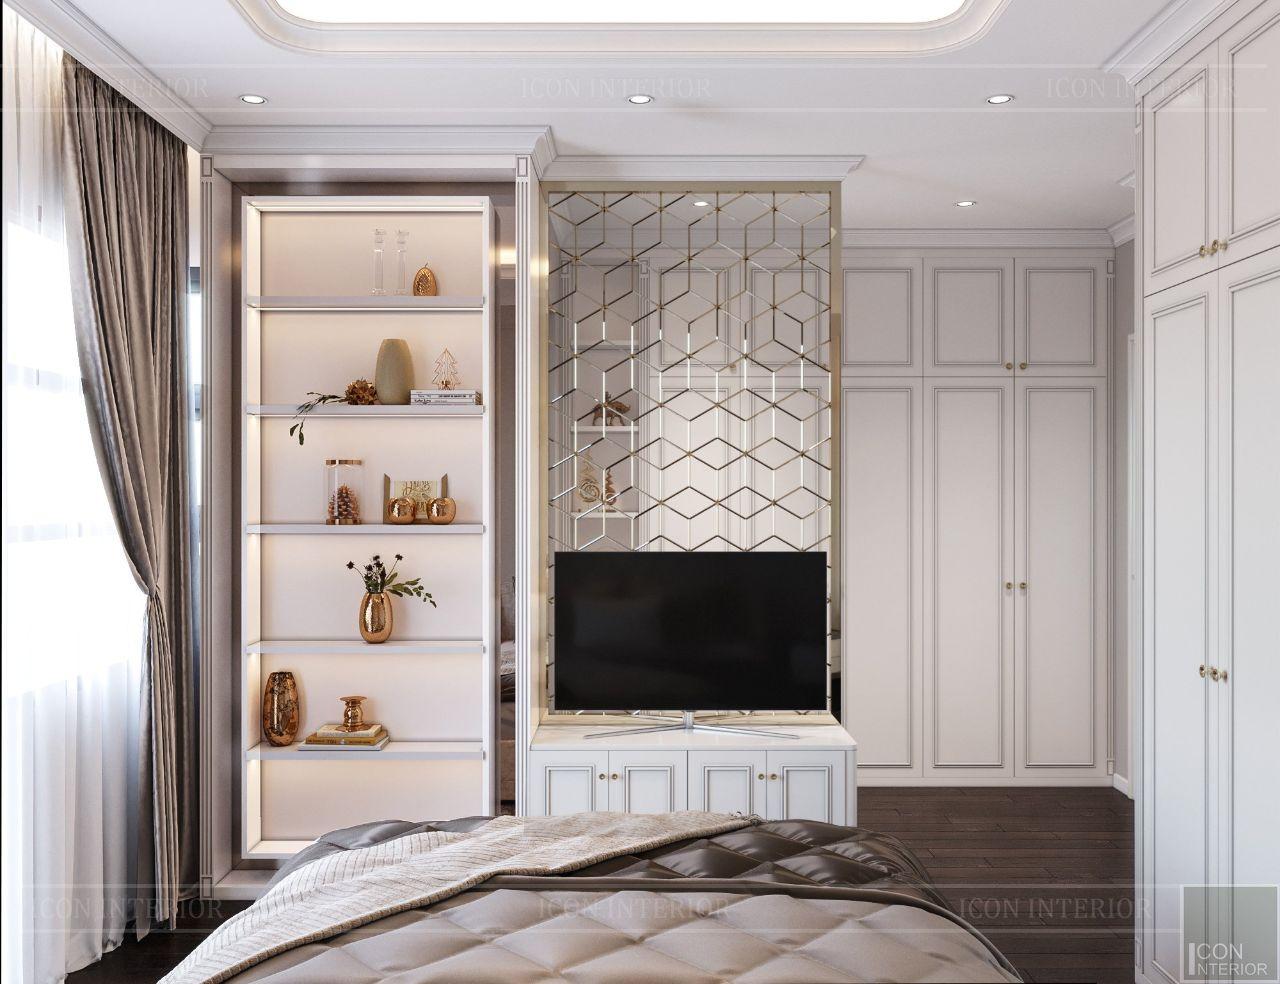 thiết kế nội thất phòng ngủ nhà phố liền kề